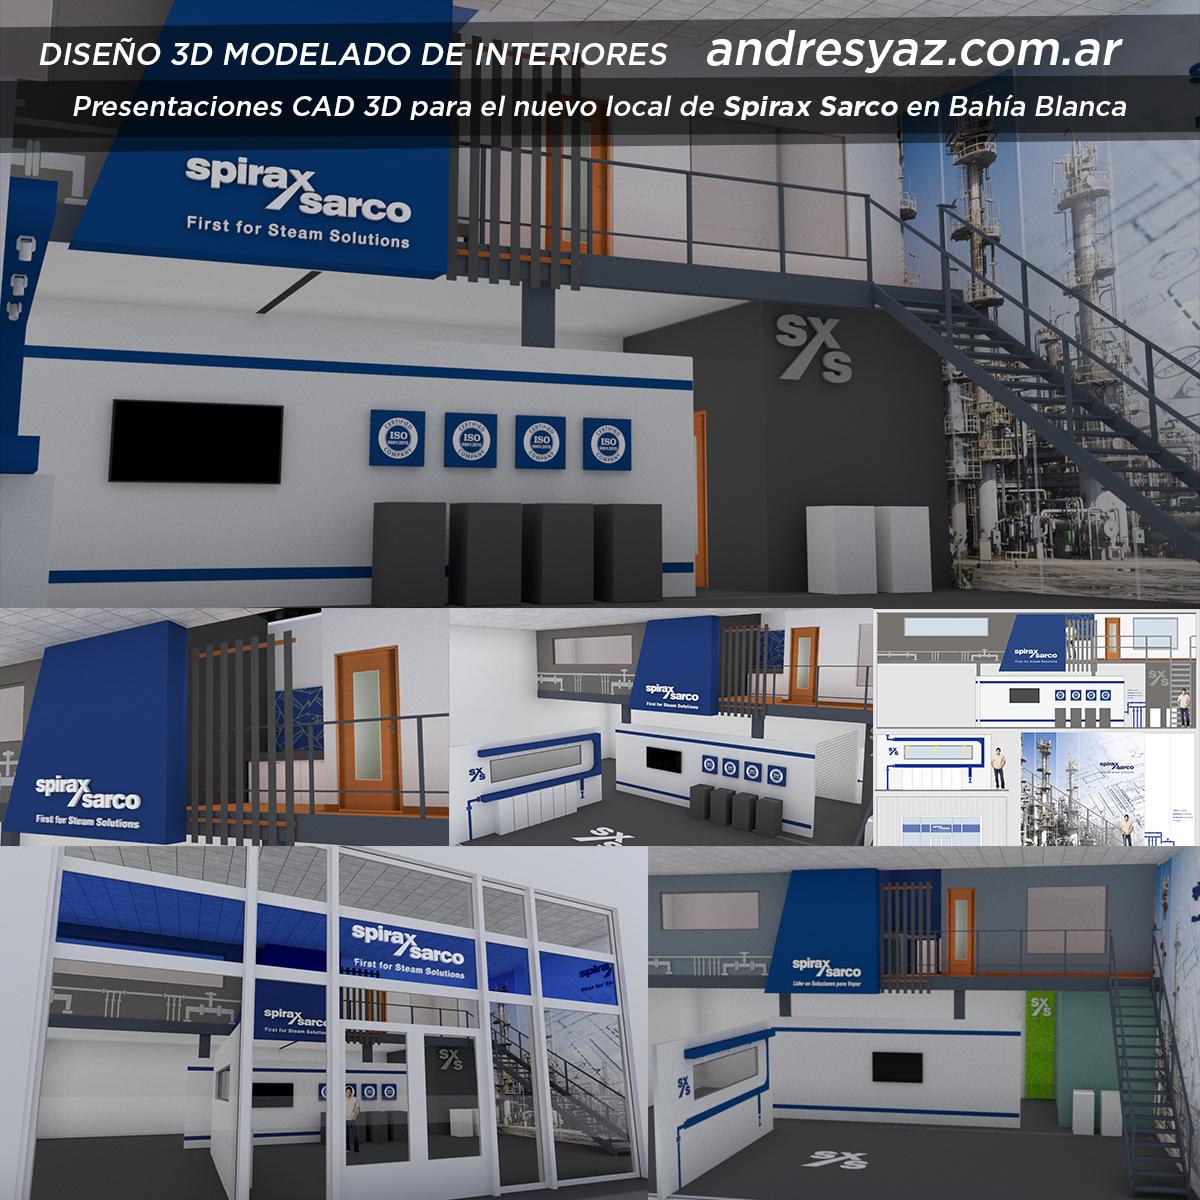 CAD3Dspiraxsarco_AndresYaz